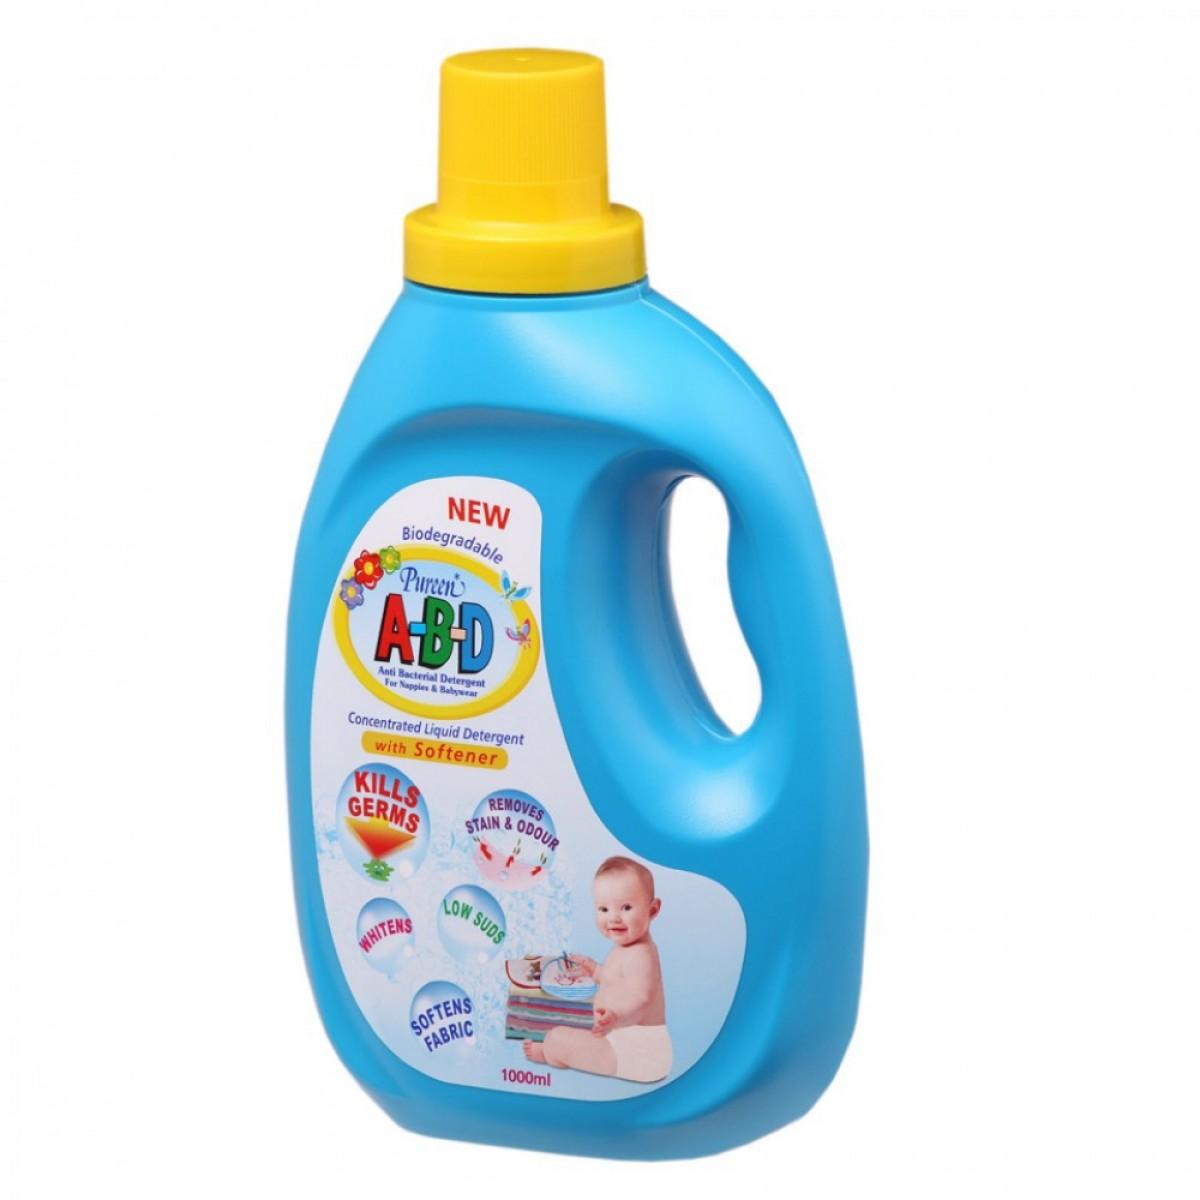 Pureen Abd Liquid Detergent (1000ml) - Kico Baby Center